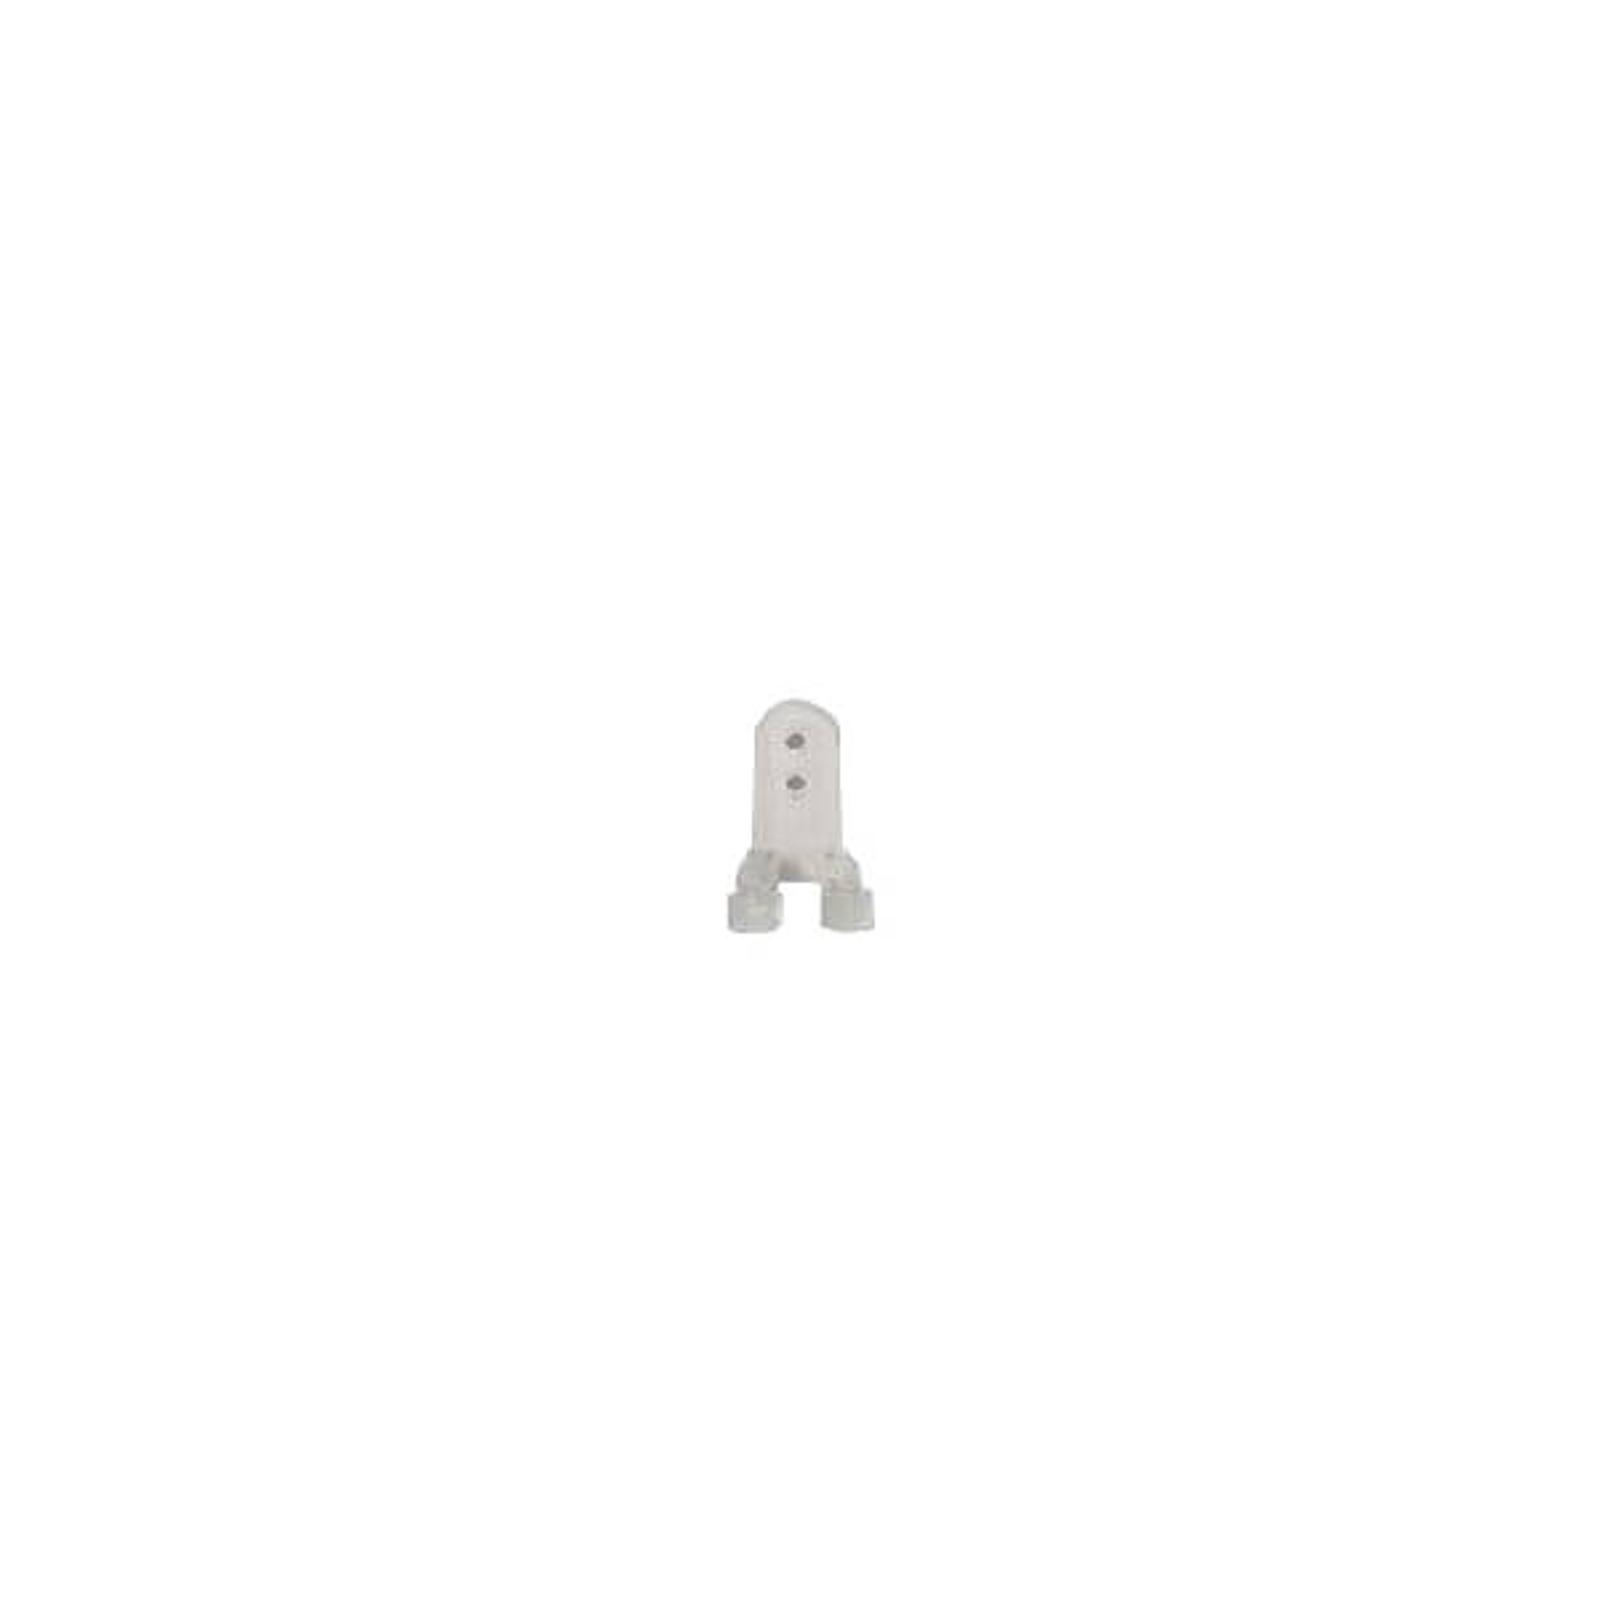 Clips voor lichtslang Ropelight Reel, 13 mm